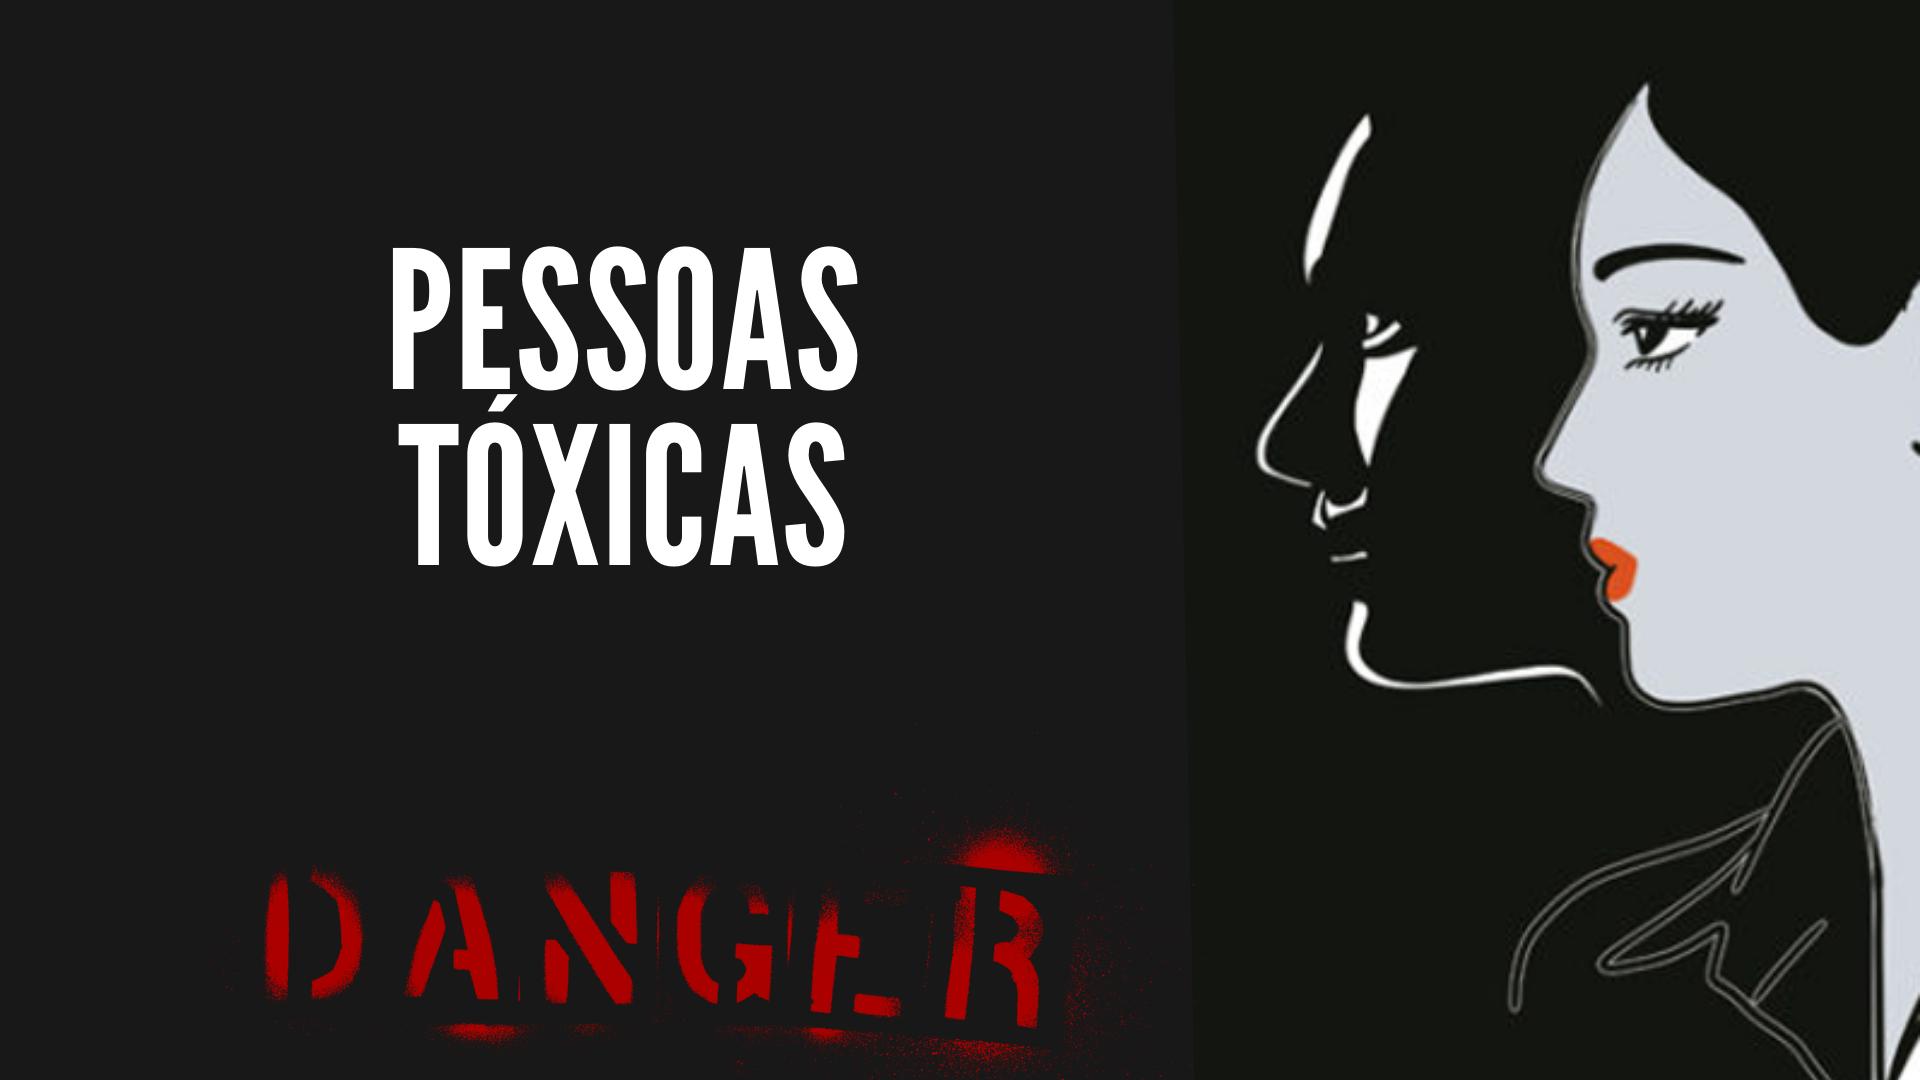 12 Tipos de pessoas tóxicas que você deve se afastar urgente